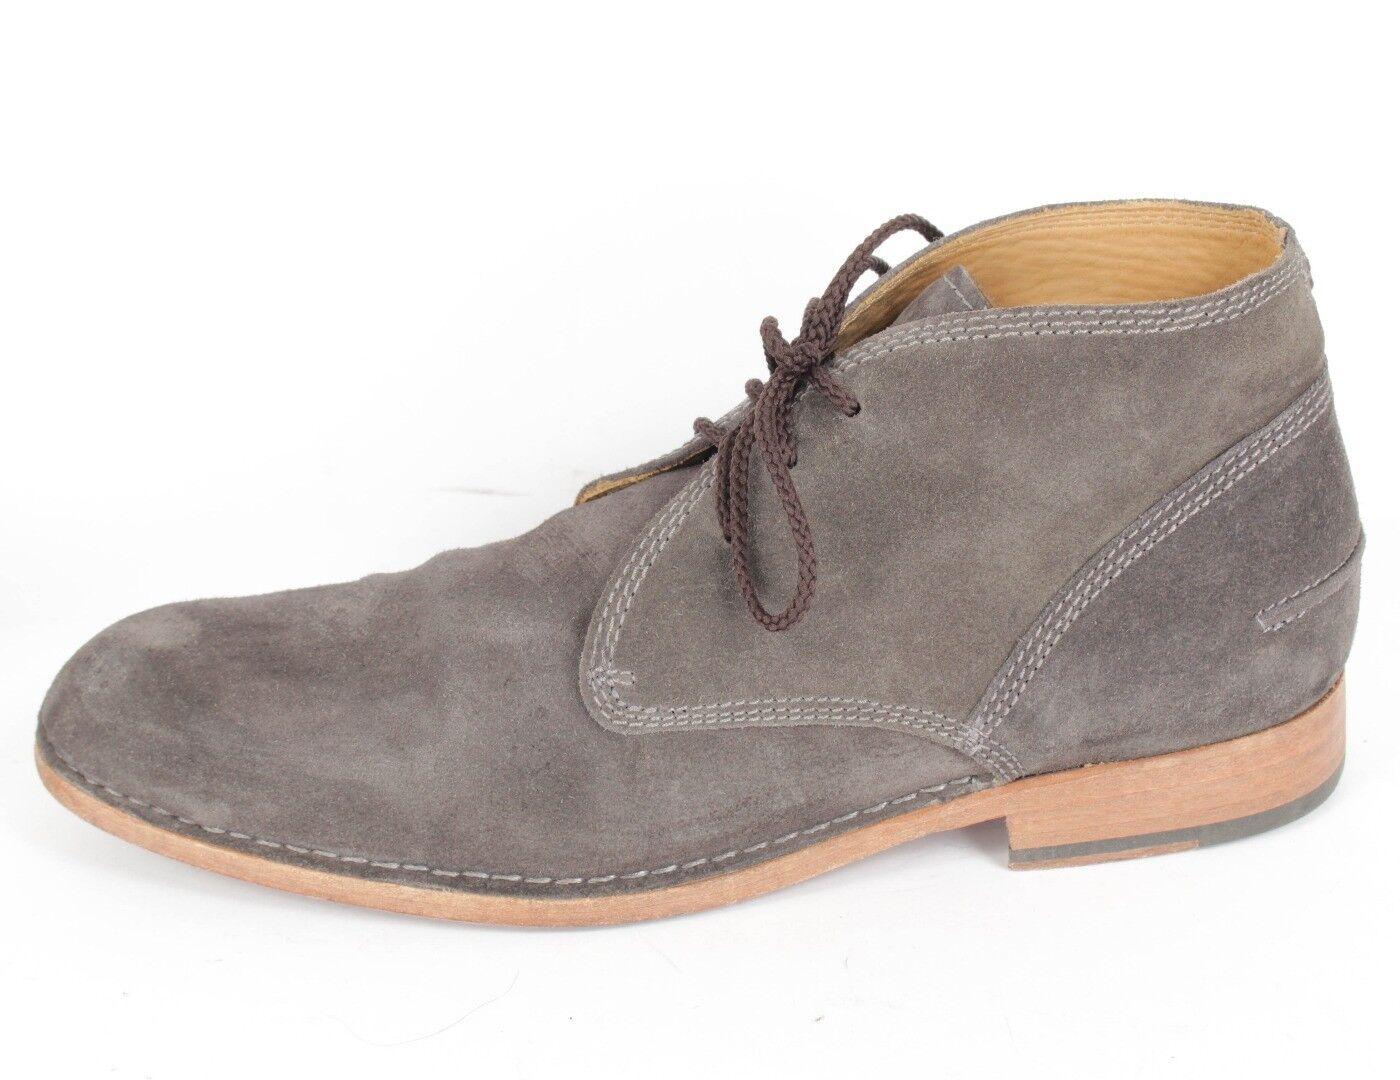 John Varvatos la línea principal gris gamuza tobillo botas Sz. 11